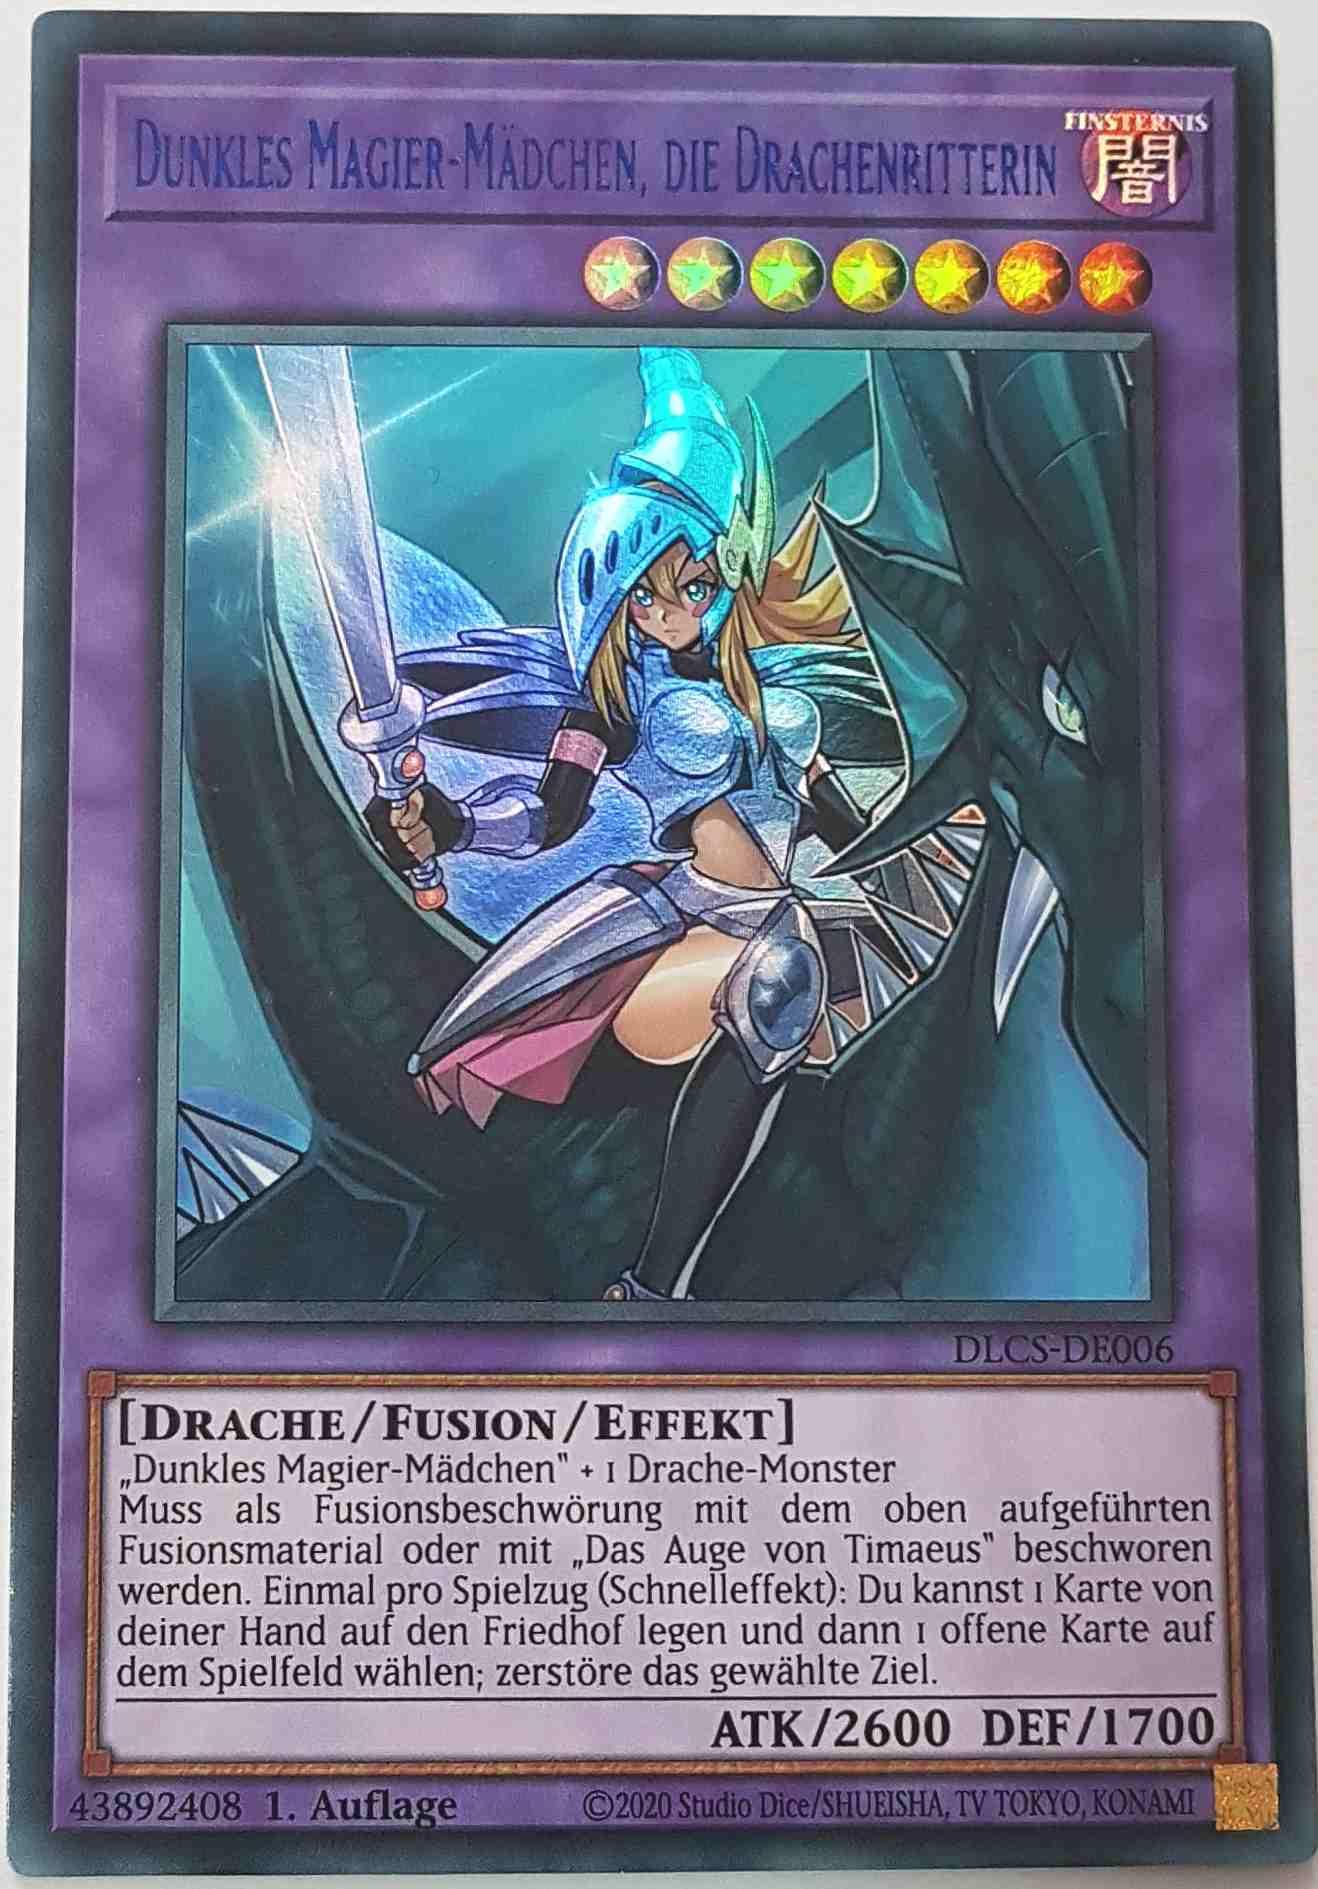 Yu-Gi-Oh DLCS-DE006 Dunkles Magier-Mädchen die Drachenritterin Gold 1.Auflage UR